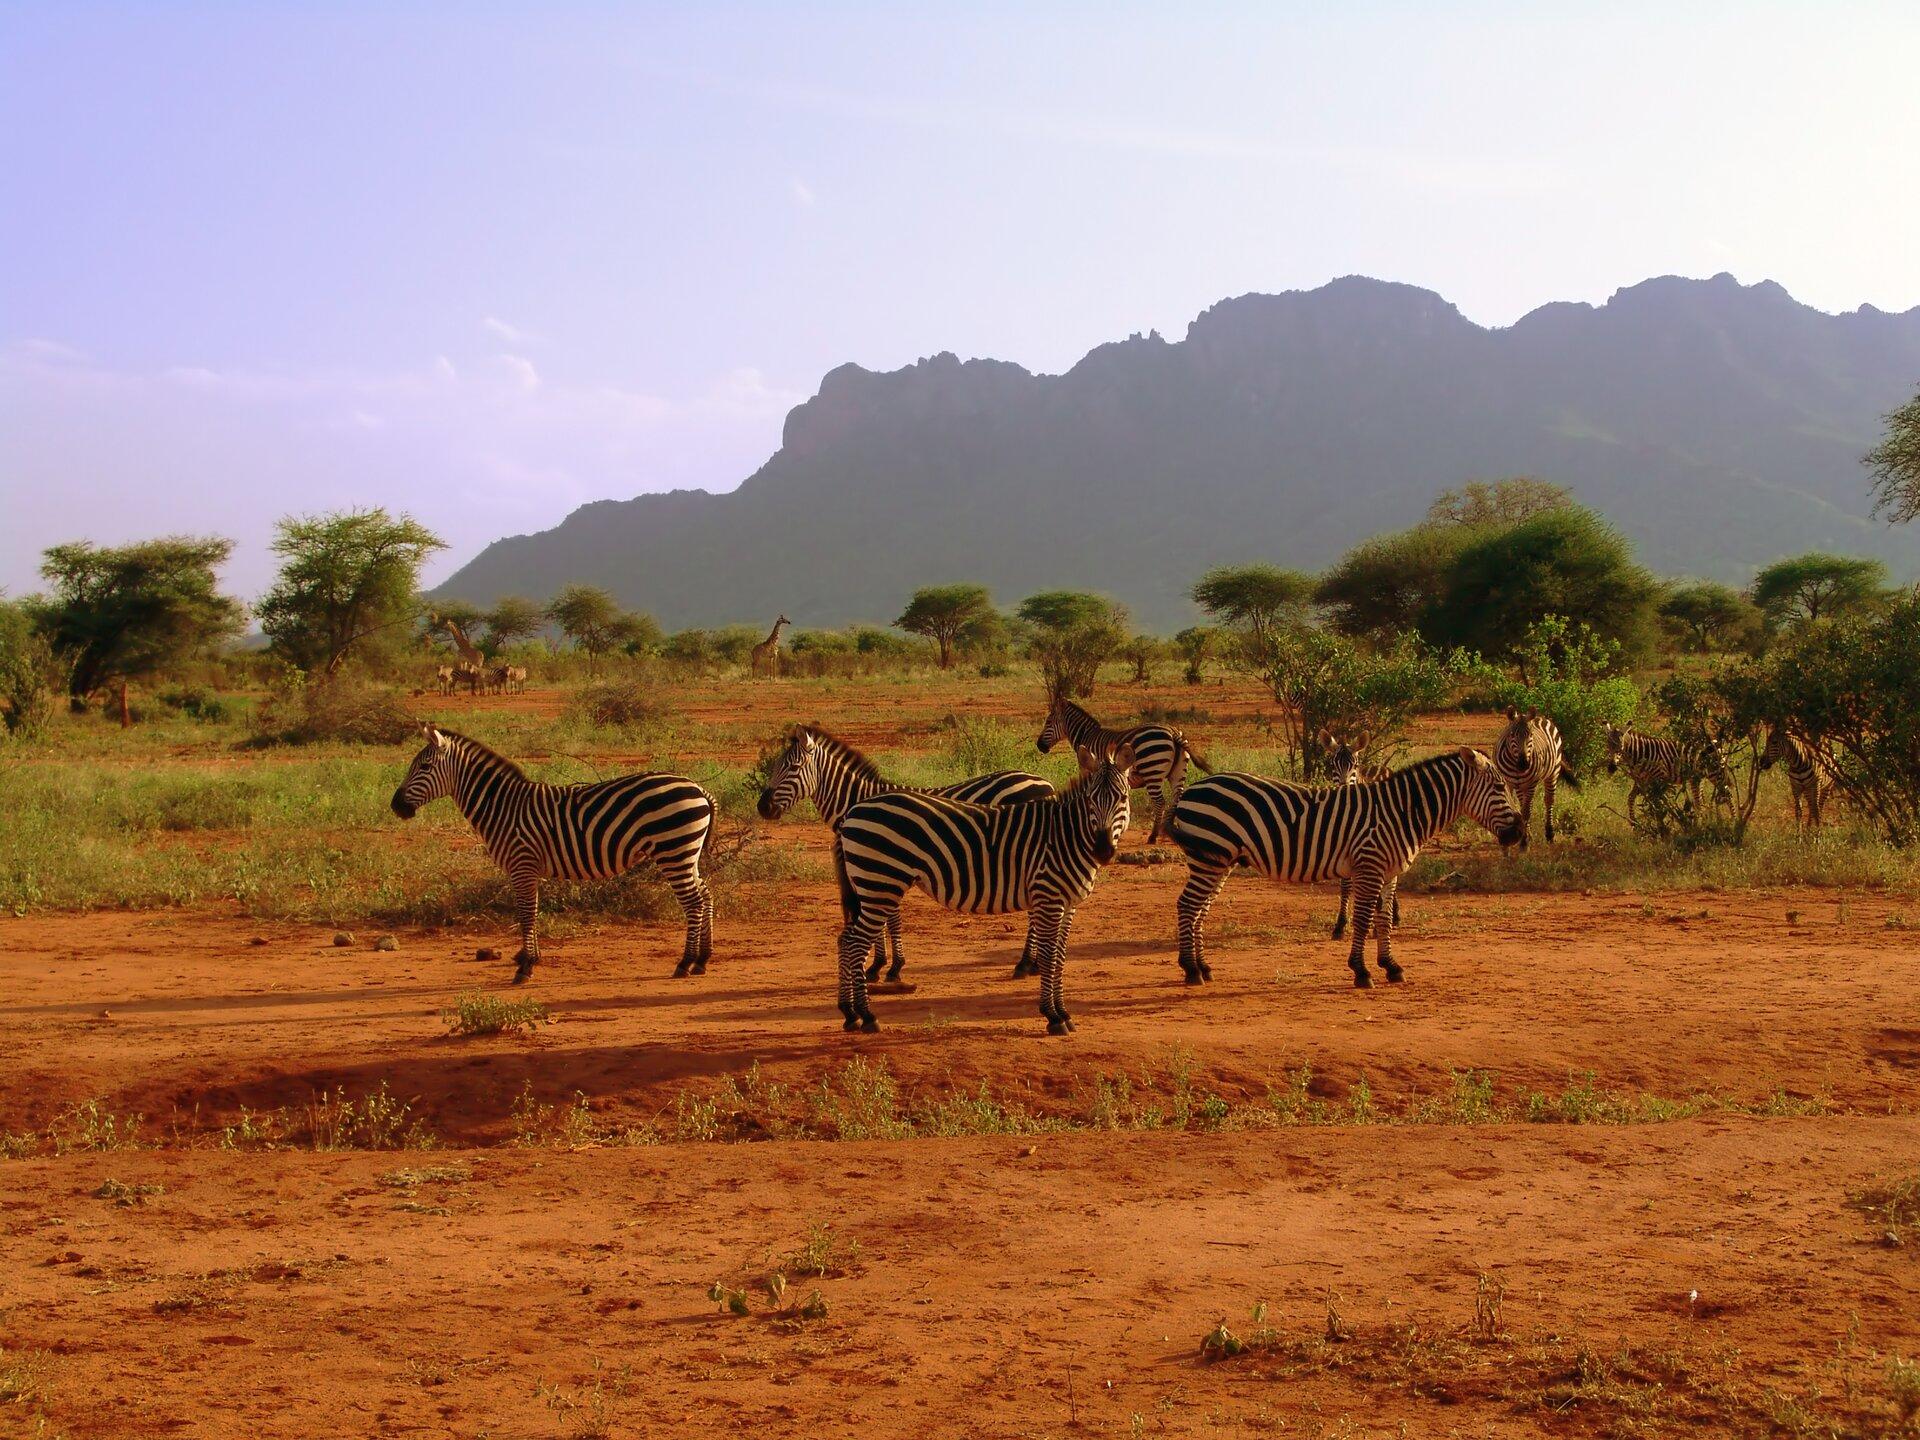 Fotografia przedstawia stado zebr. Zwierzęta mają sylwetkę podobną do konia. Zebry mają pionowe pasy białe iczarne. Grzywa, koniec pyska oraz kopyta są czarne. grzywy, końcem pyska ikopytami. Stoją na czerwonej ziemi, aza nimi rośnie trawa izarośla. Wtle widać góry.